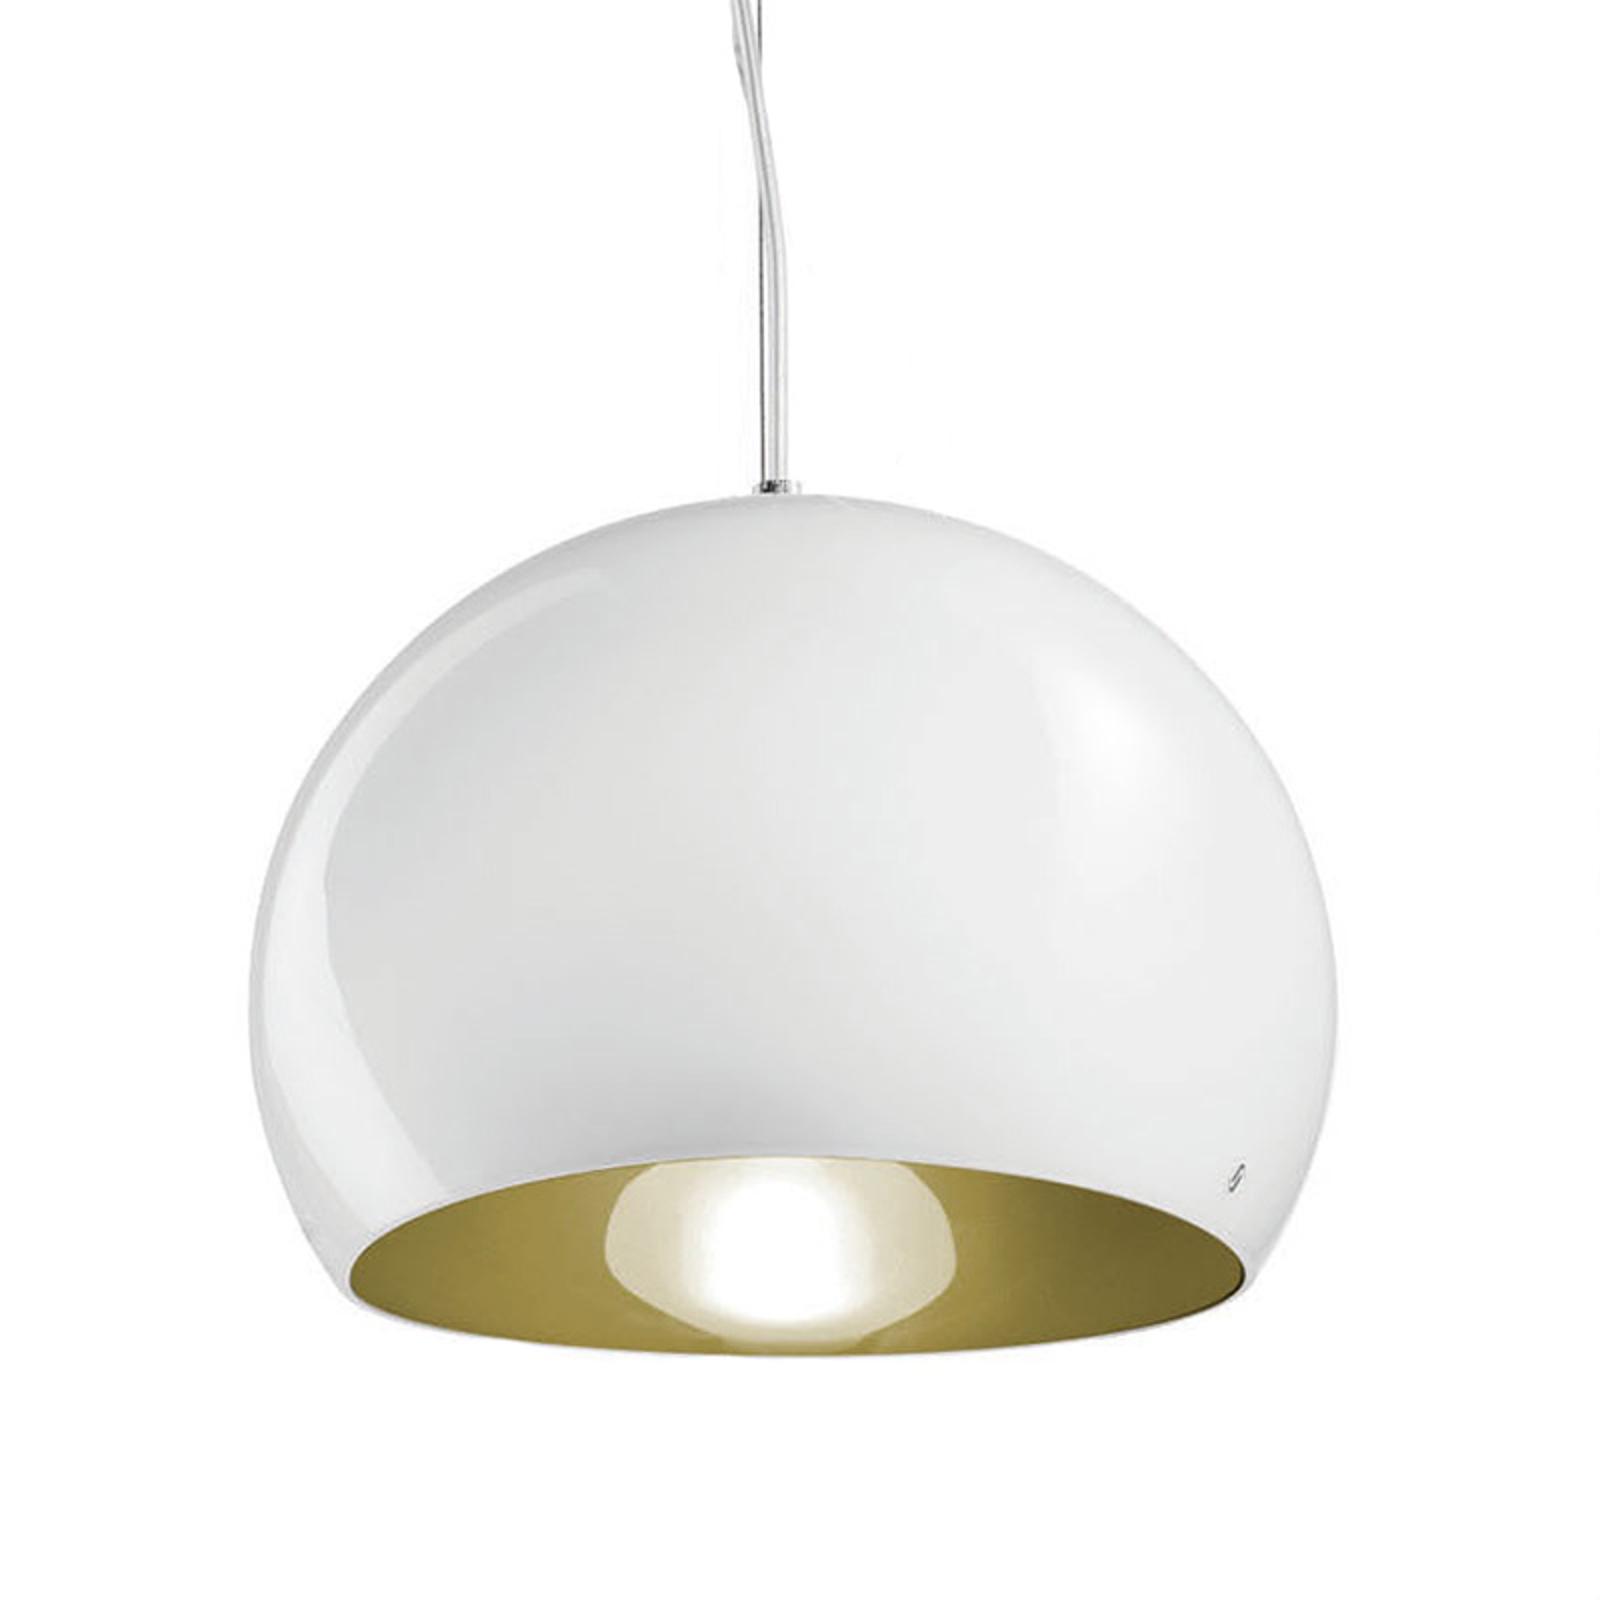 Hanglamp Surface Ø 27 cm, E27 wit/oud groen